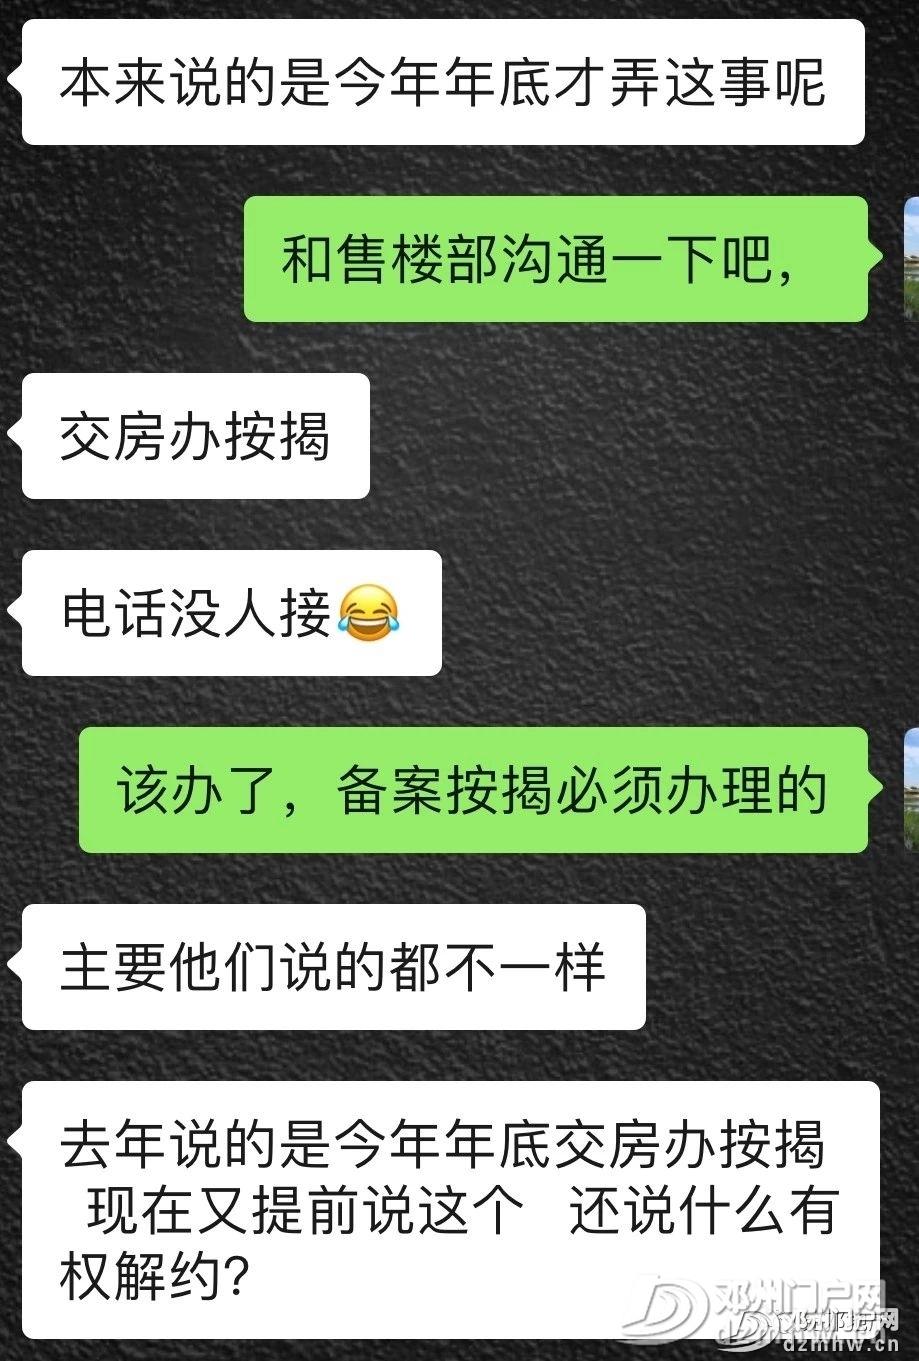 邓州某开发商发布紧急通知不看后果很严重,那你怎么看 - 邓州门户网 邓州网 - 05f634b32dc50daf70c582c6dbc2cd43.jpg